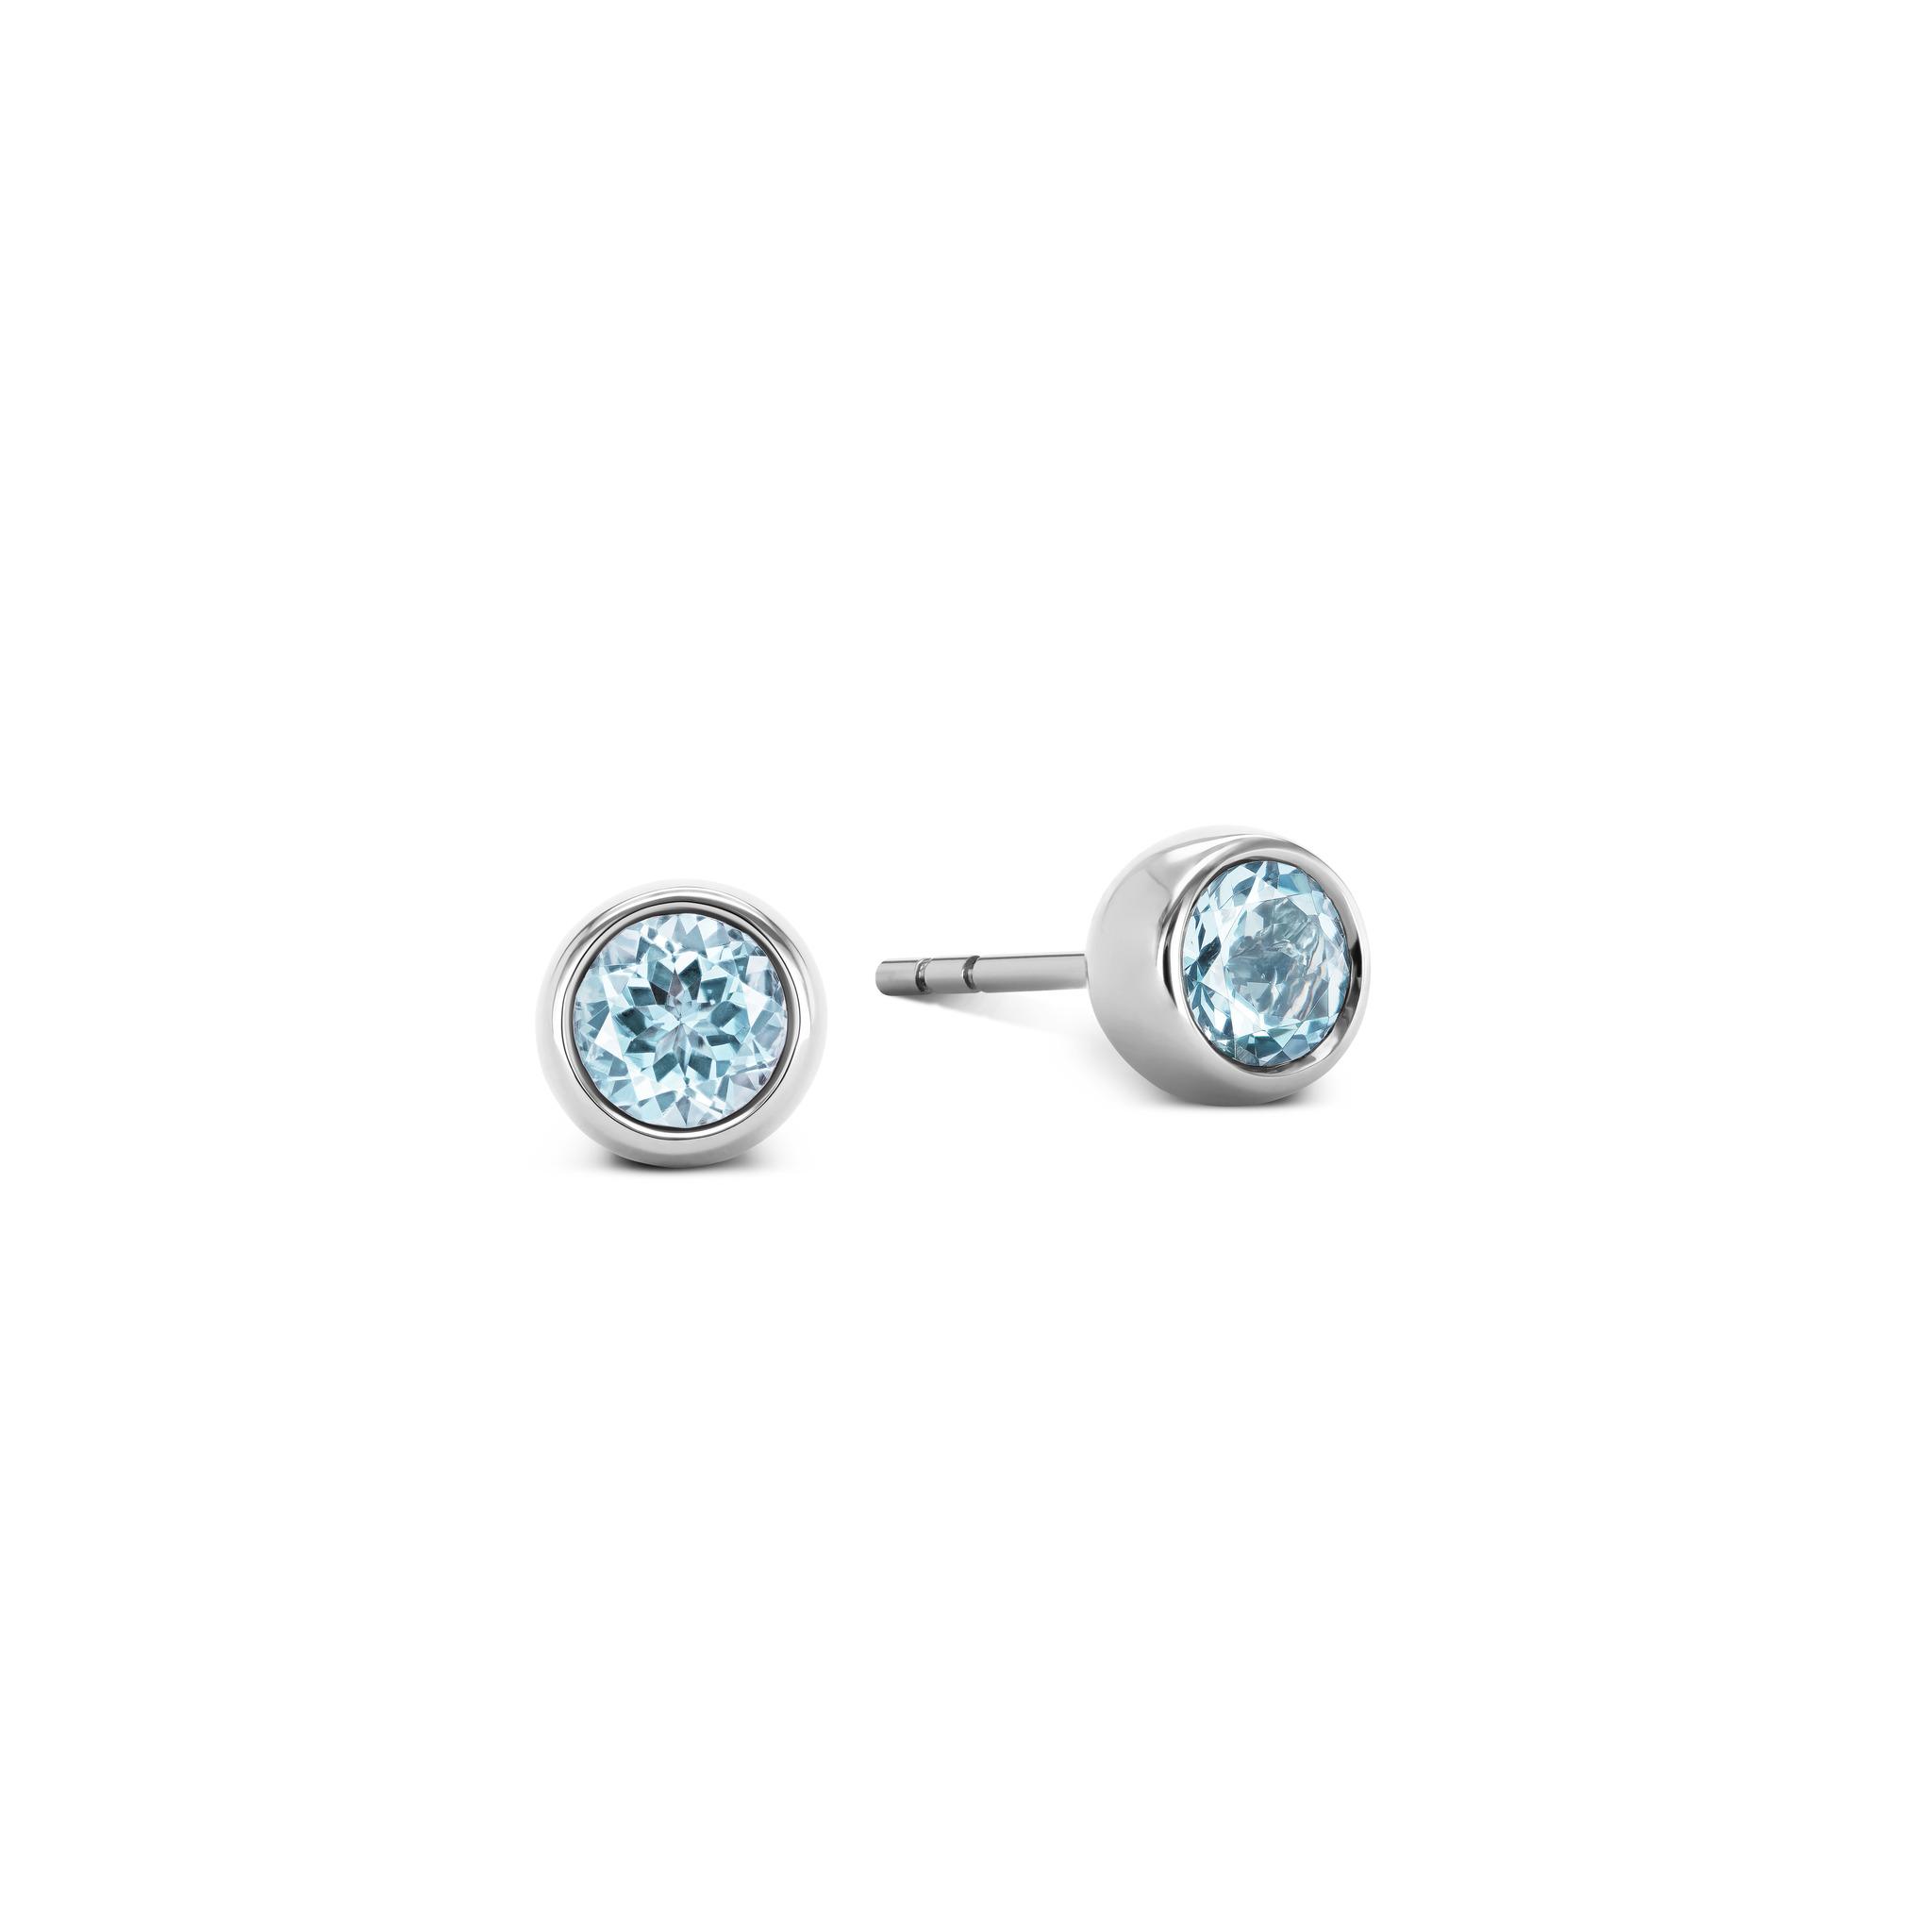 耳环镶嵌海蓝宝石